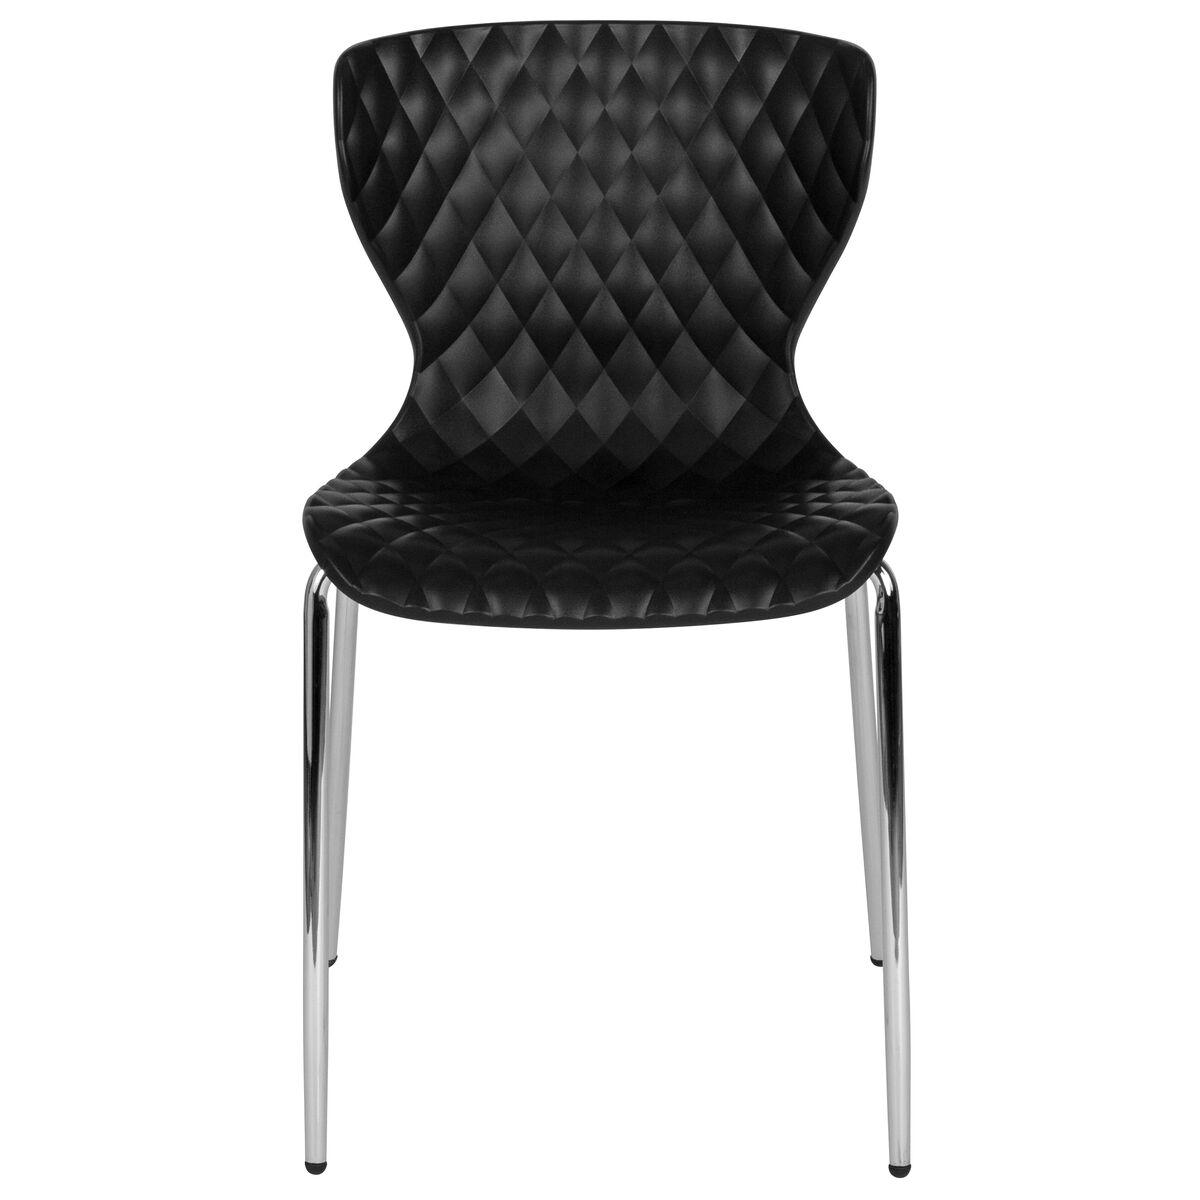 black plastic stack chair lf 7 07c blk gg. Black Bedroom Furniture Sets. Home Design Ideas